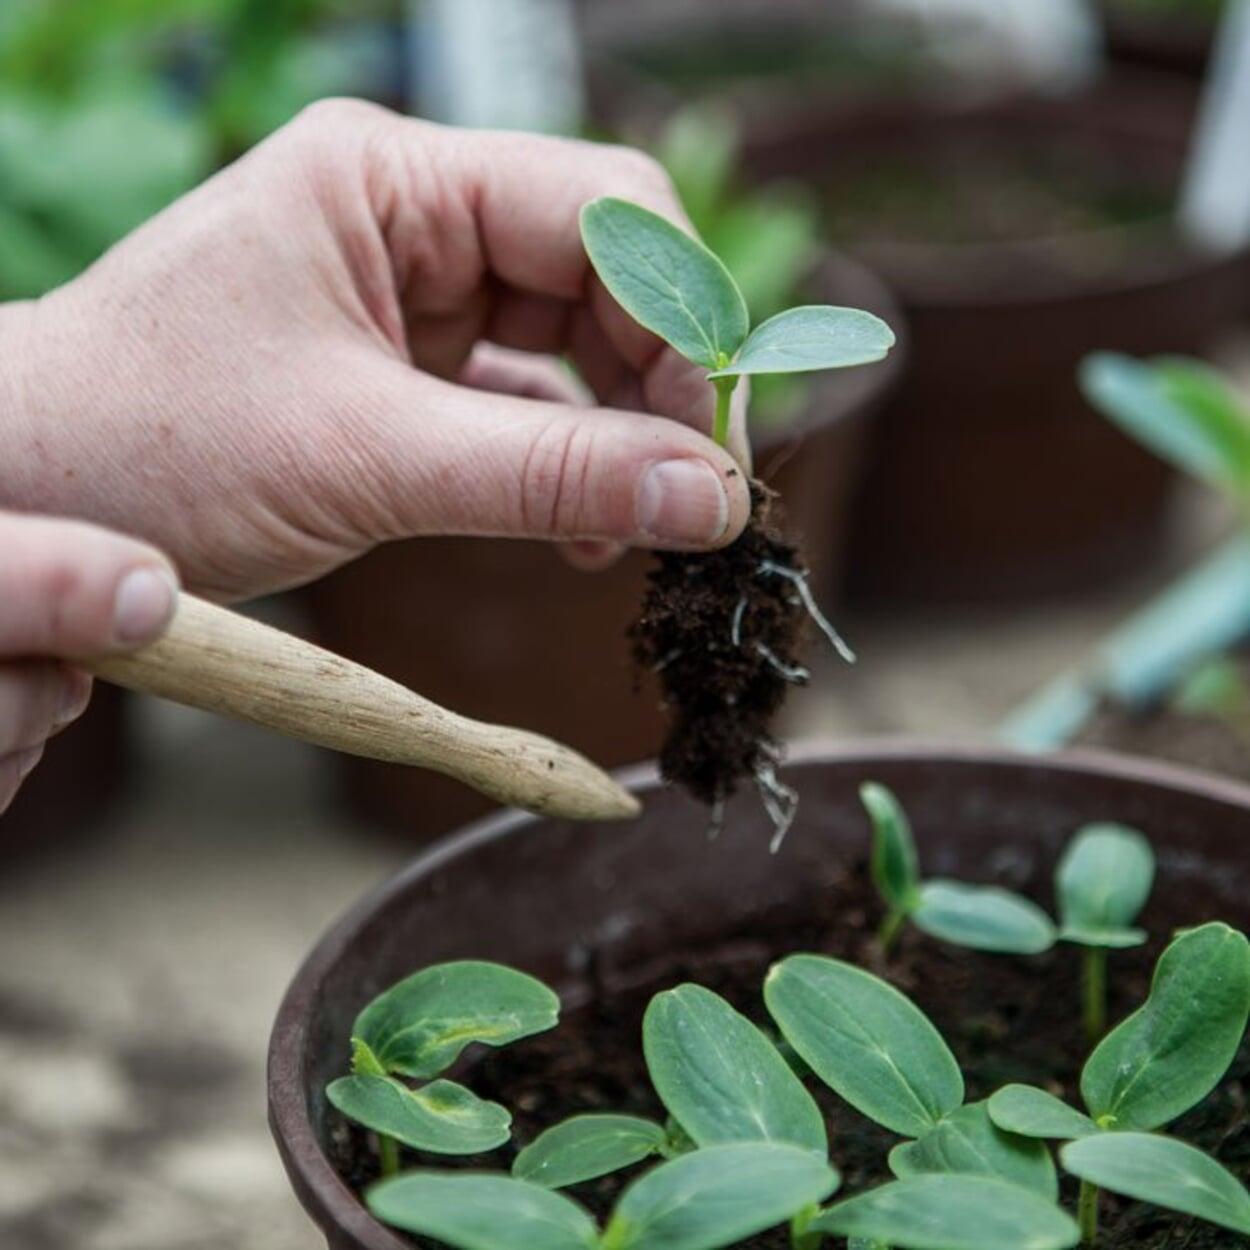 Die Jungpflanzen einzeln entnehmen, ohne Wurzeln zu beschädigen